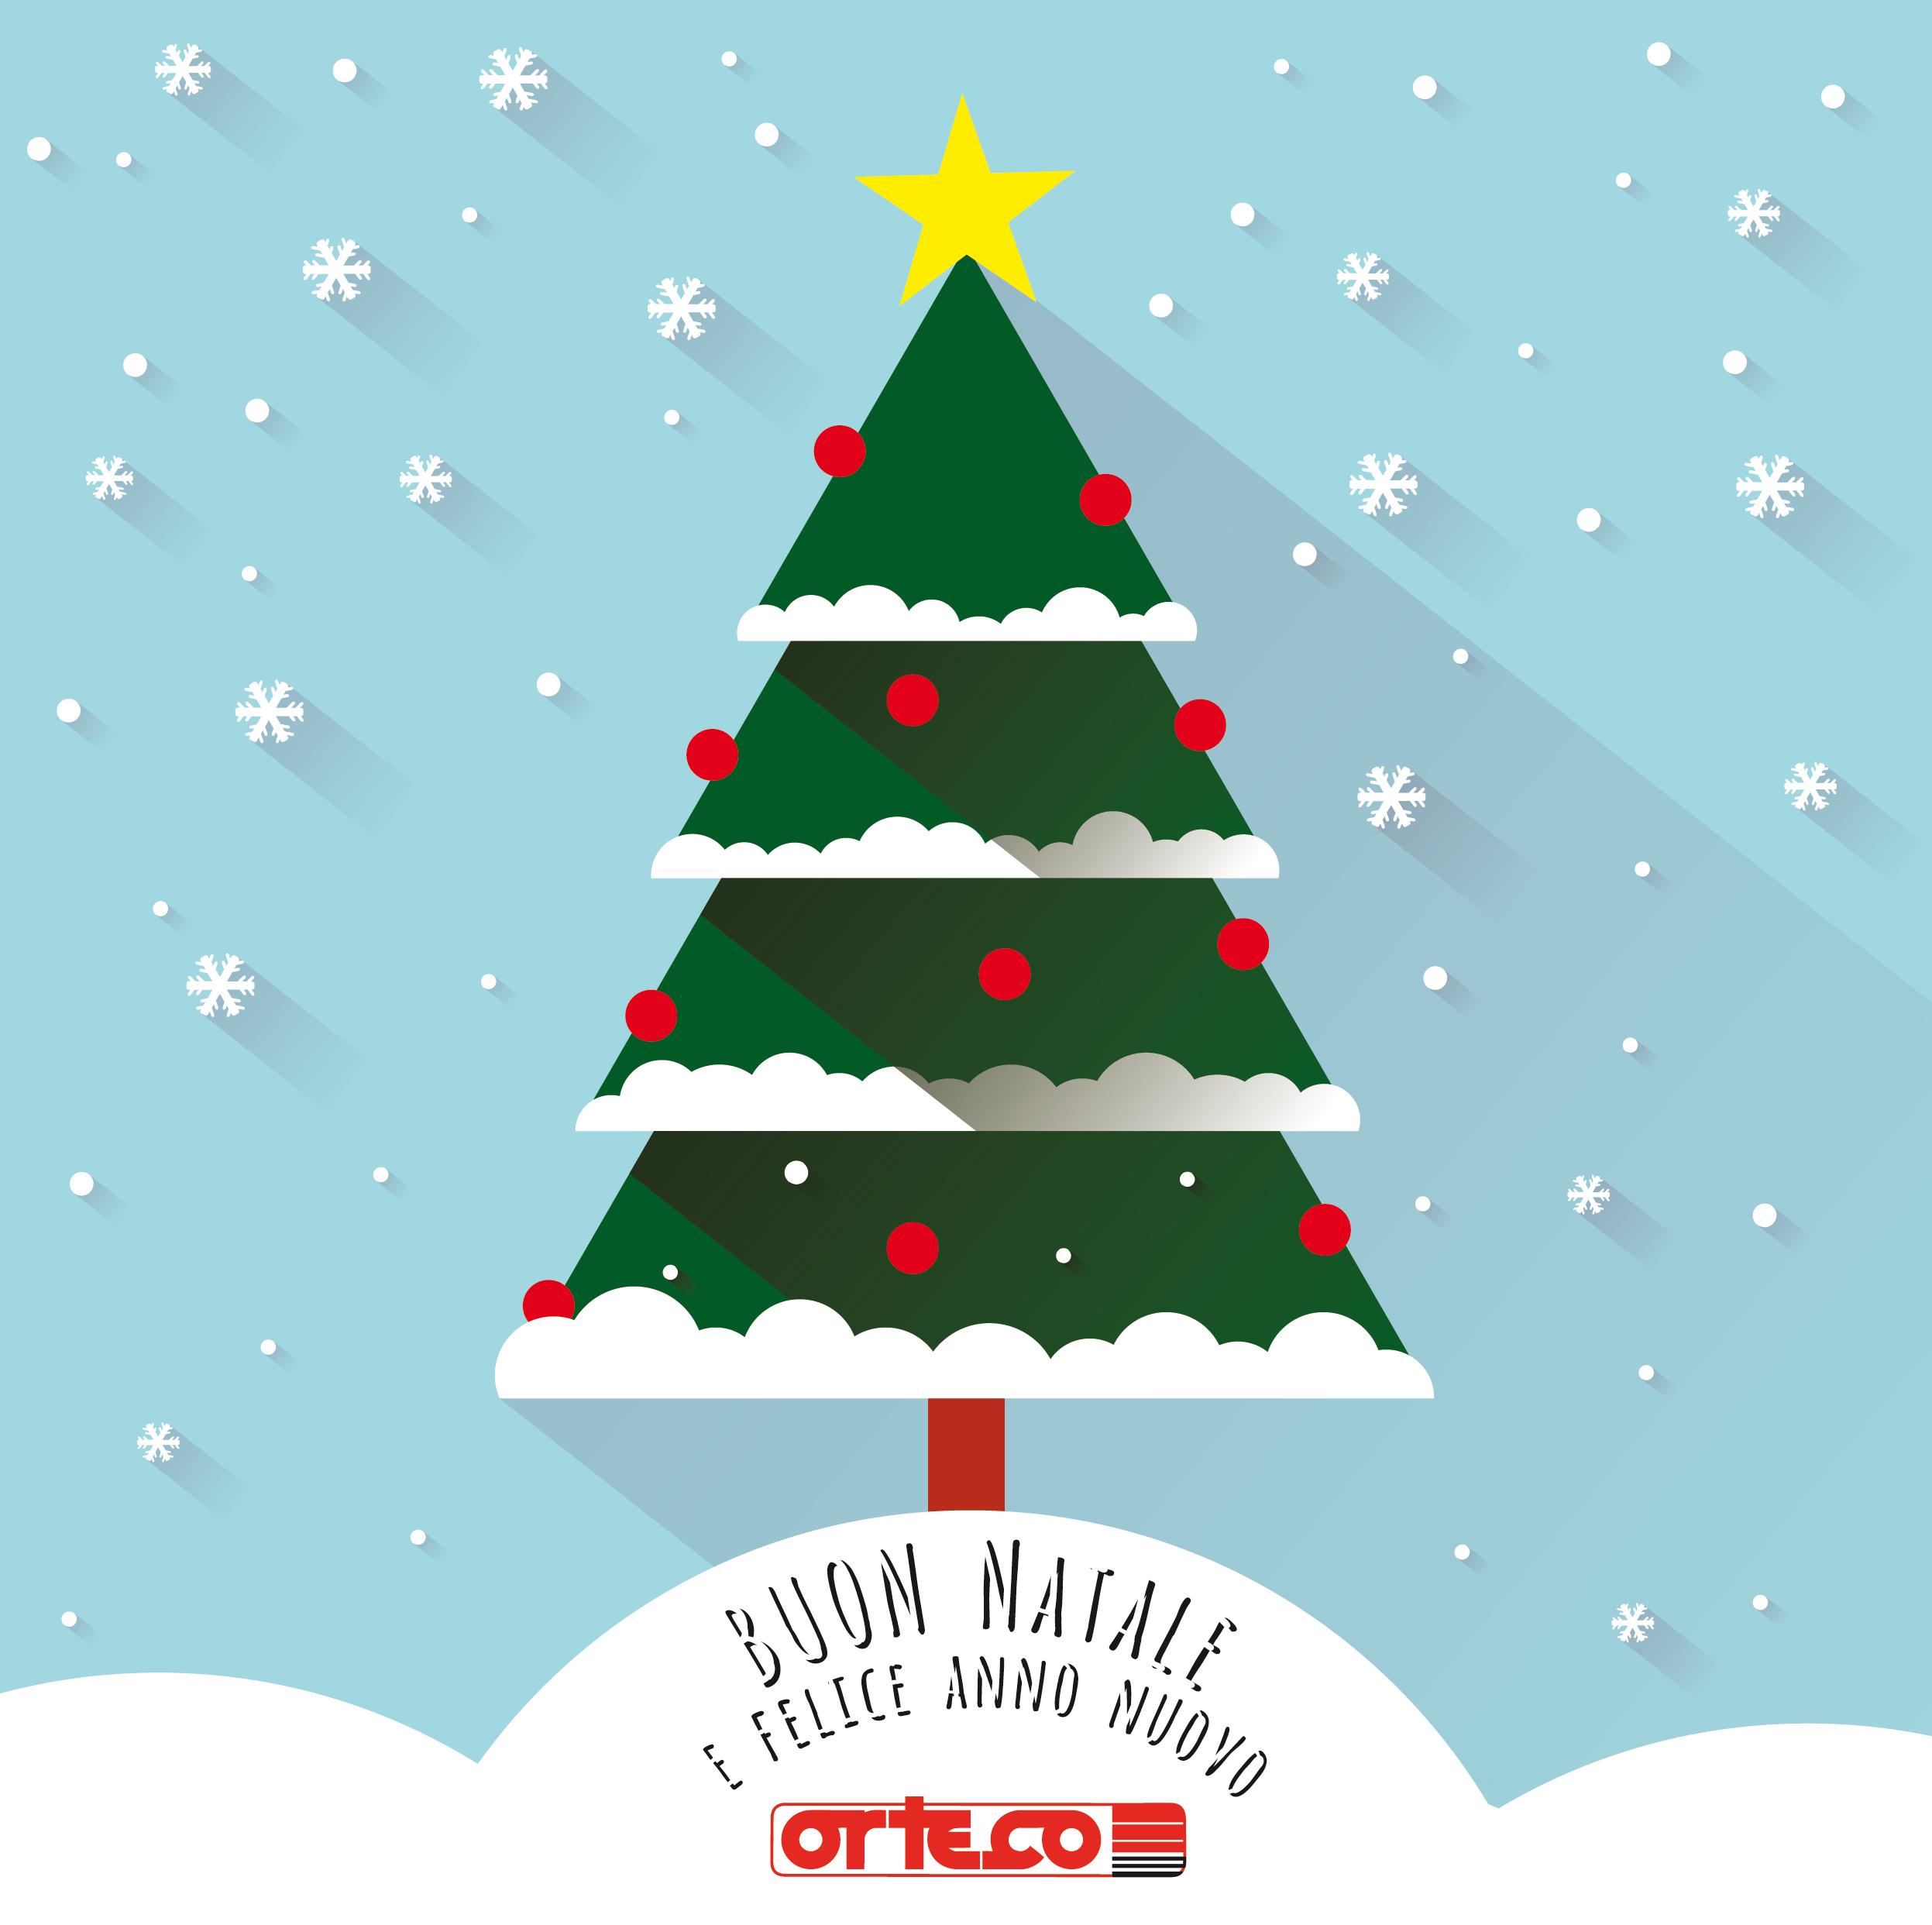 Orteco – Buon Natale